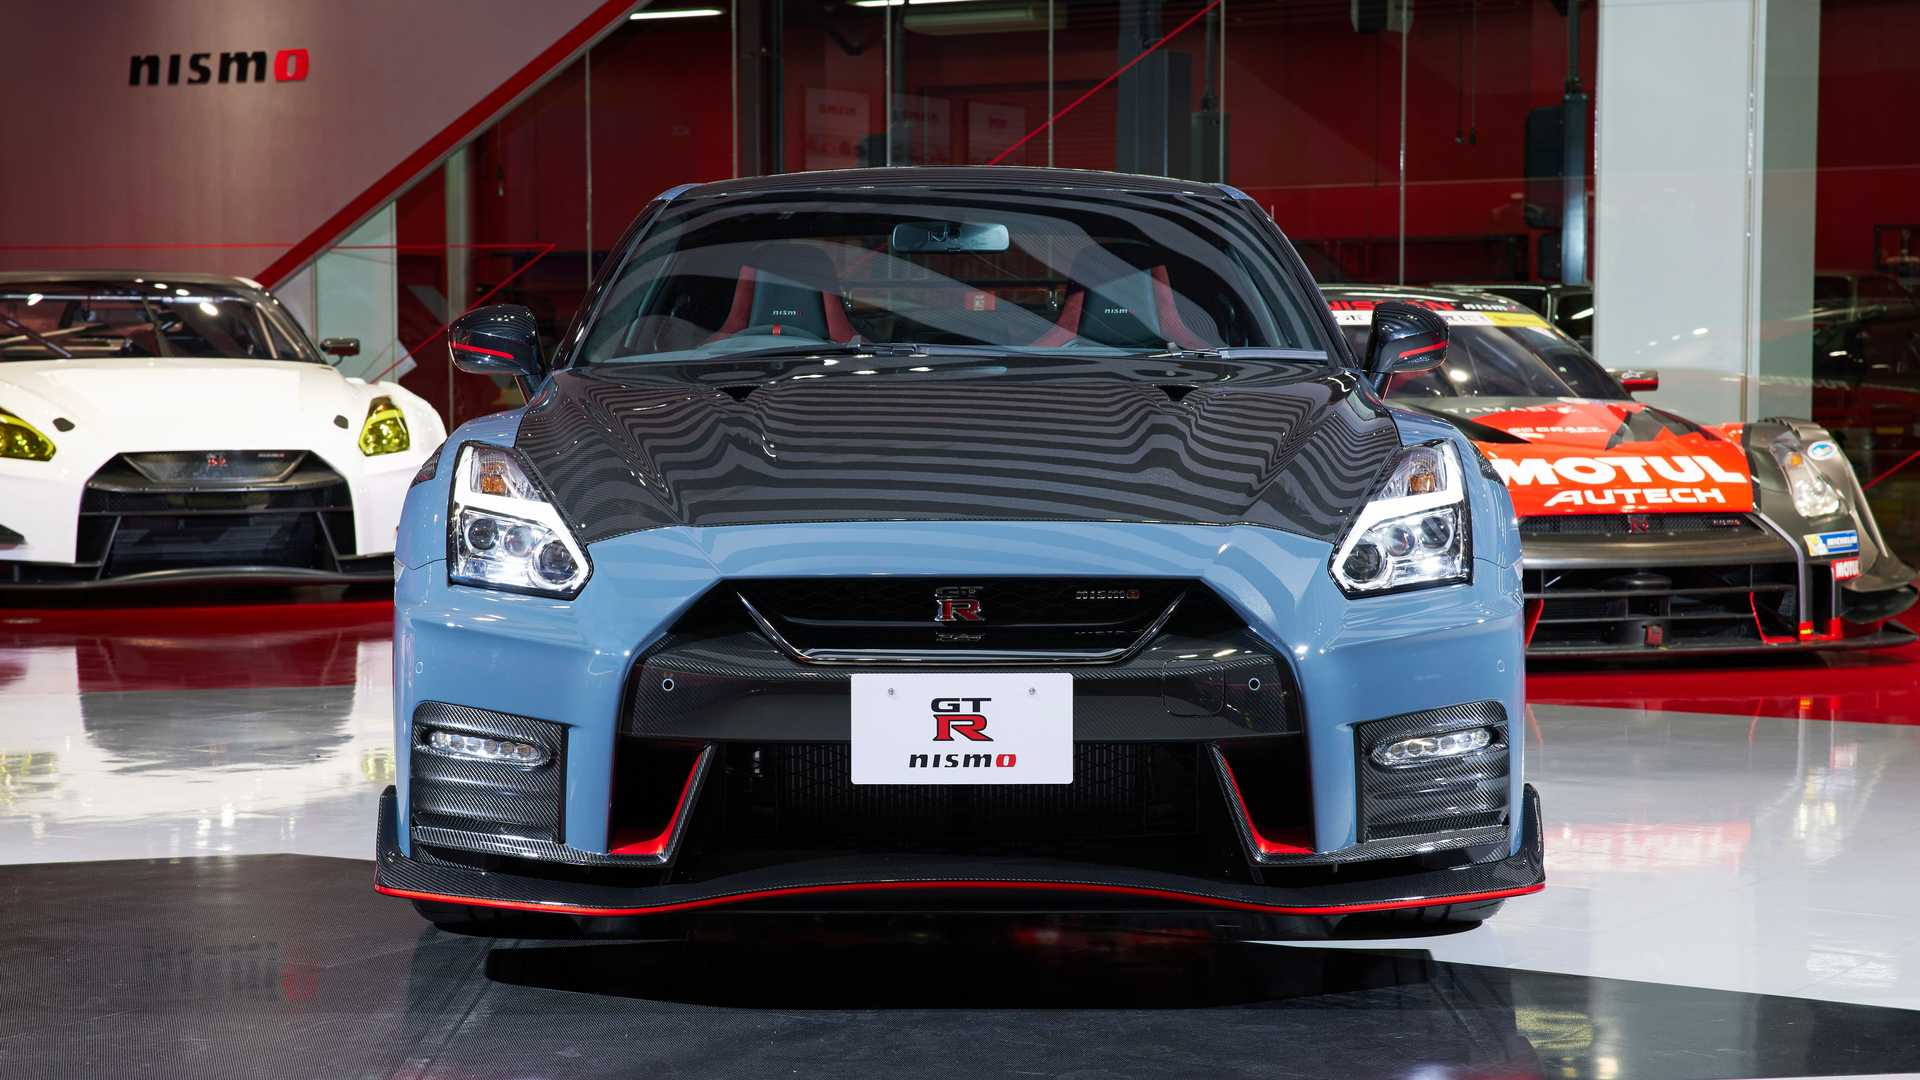 2022 Nissan GT-R Nismo Edición especial